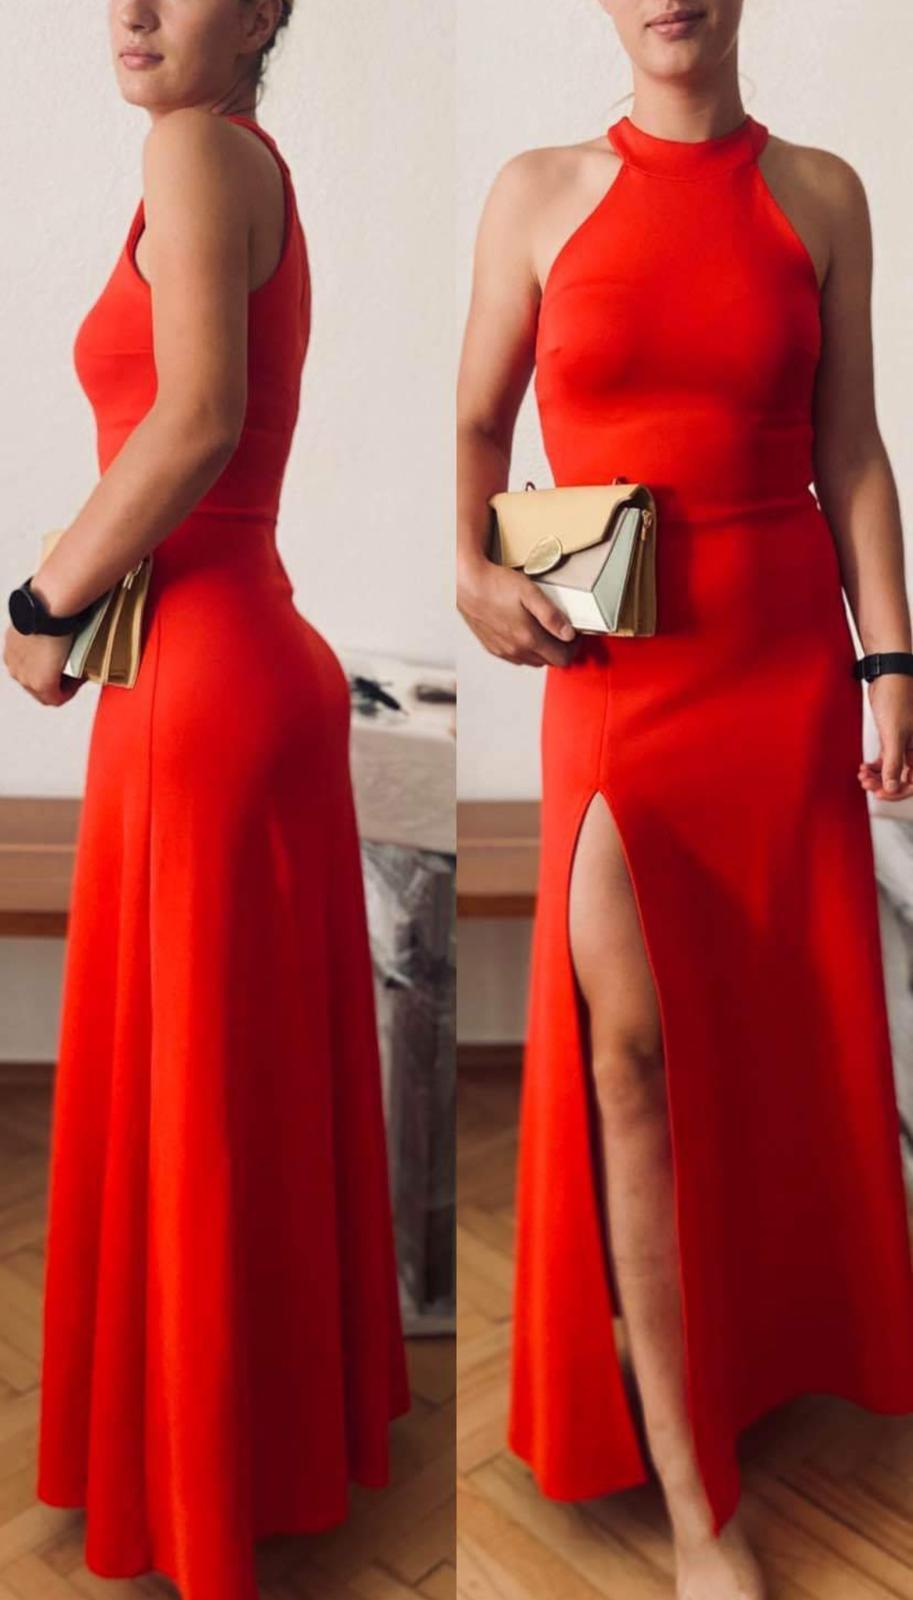 prekrásne červené spoločenské šaty ❤️ - Obrázok č. 1